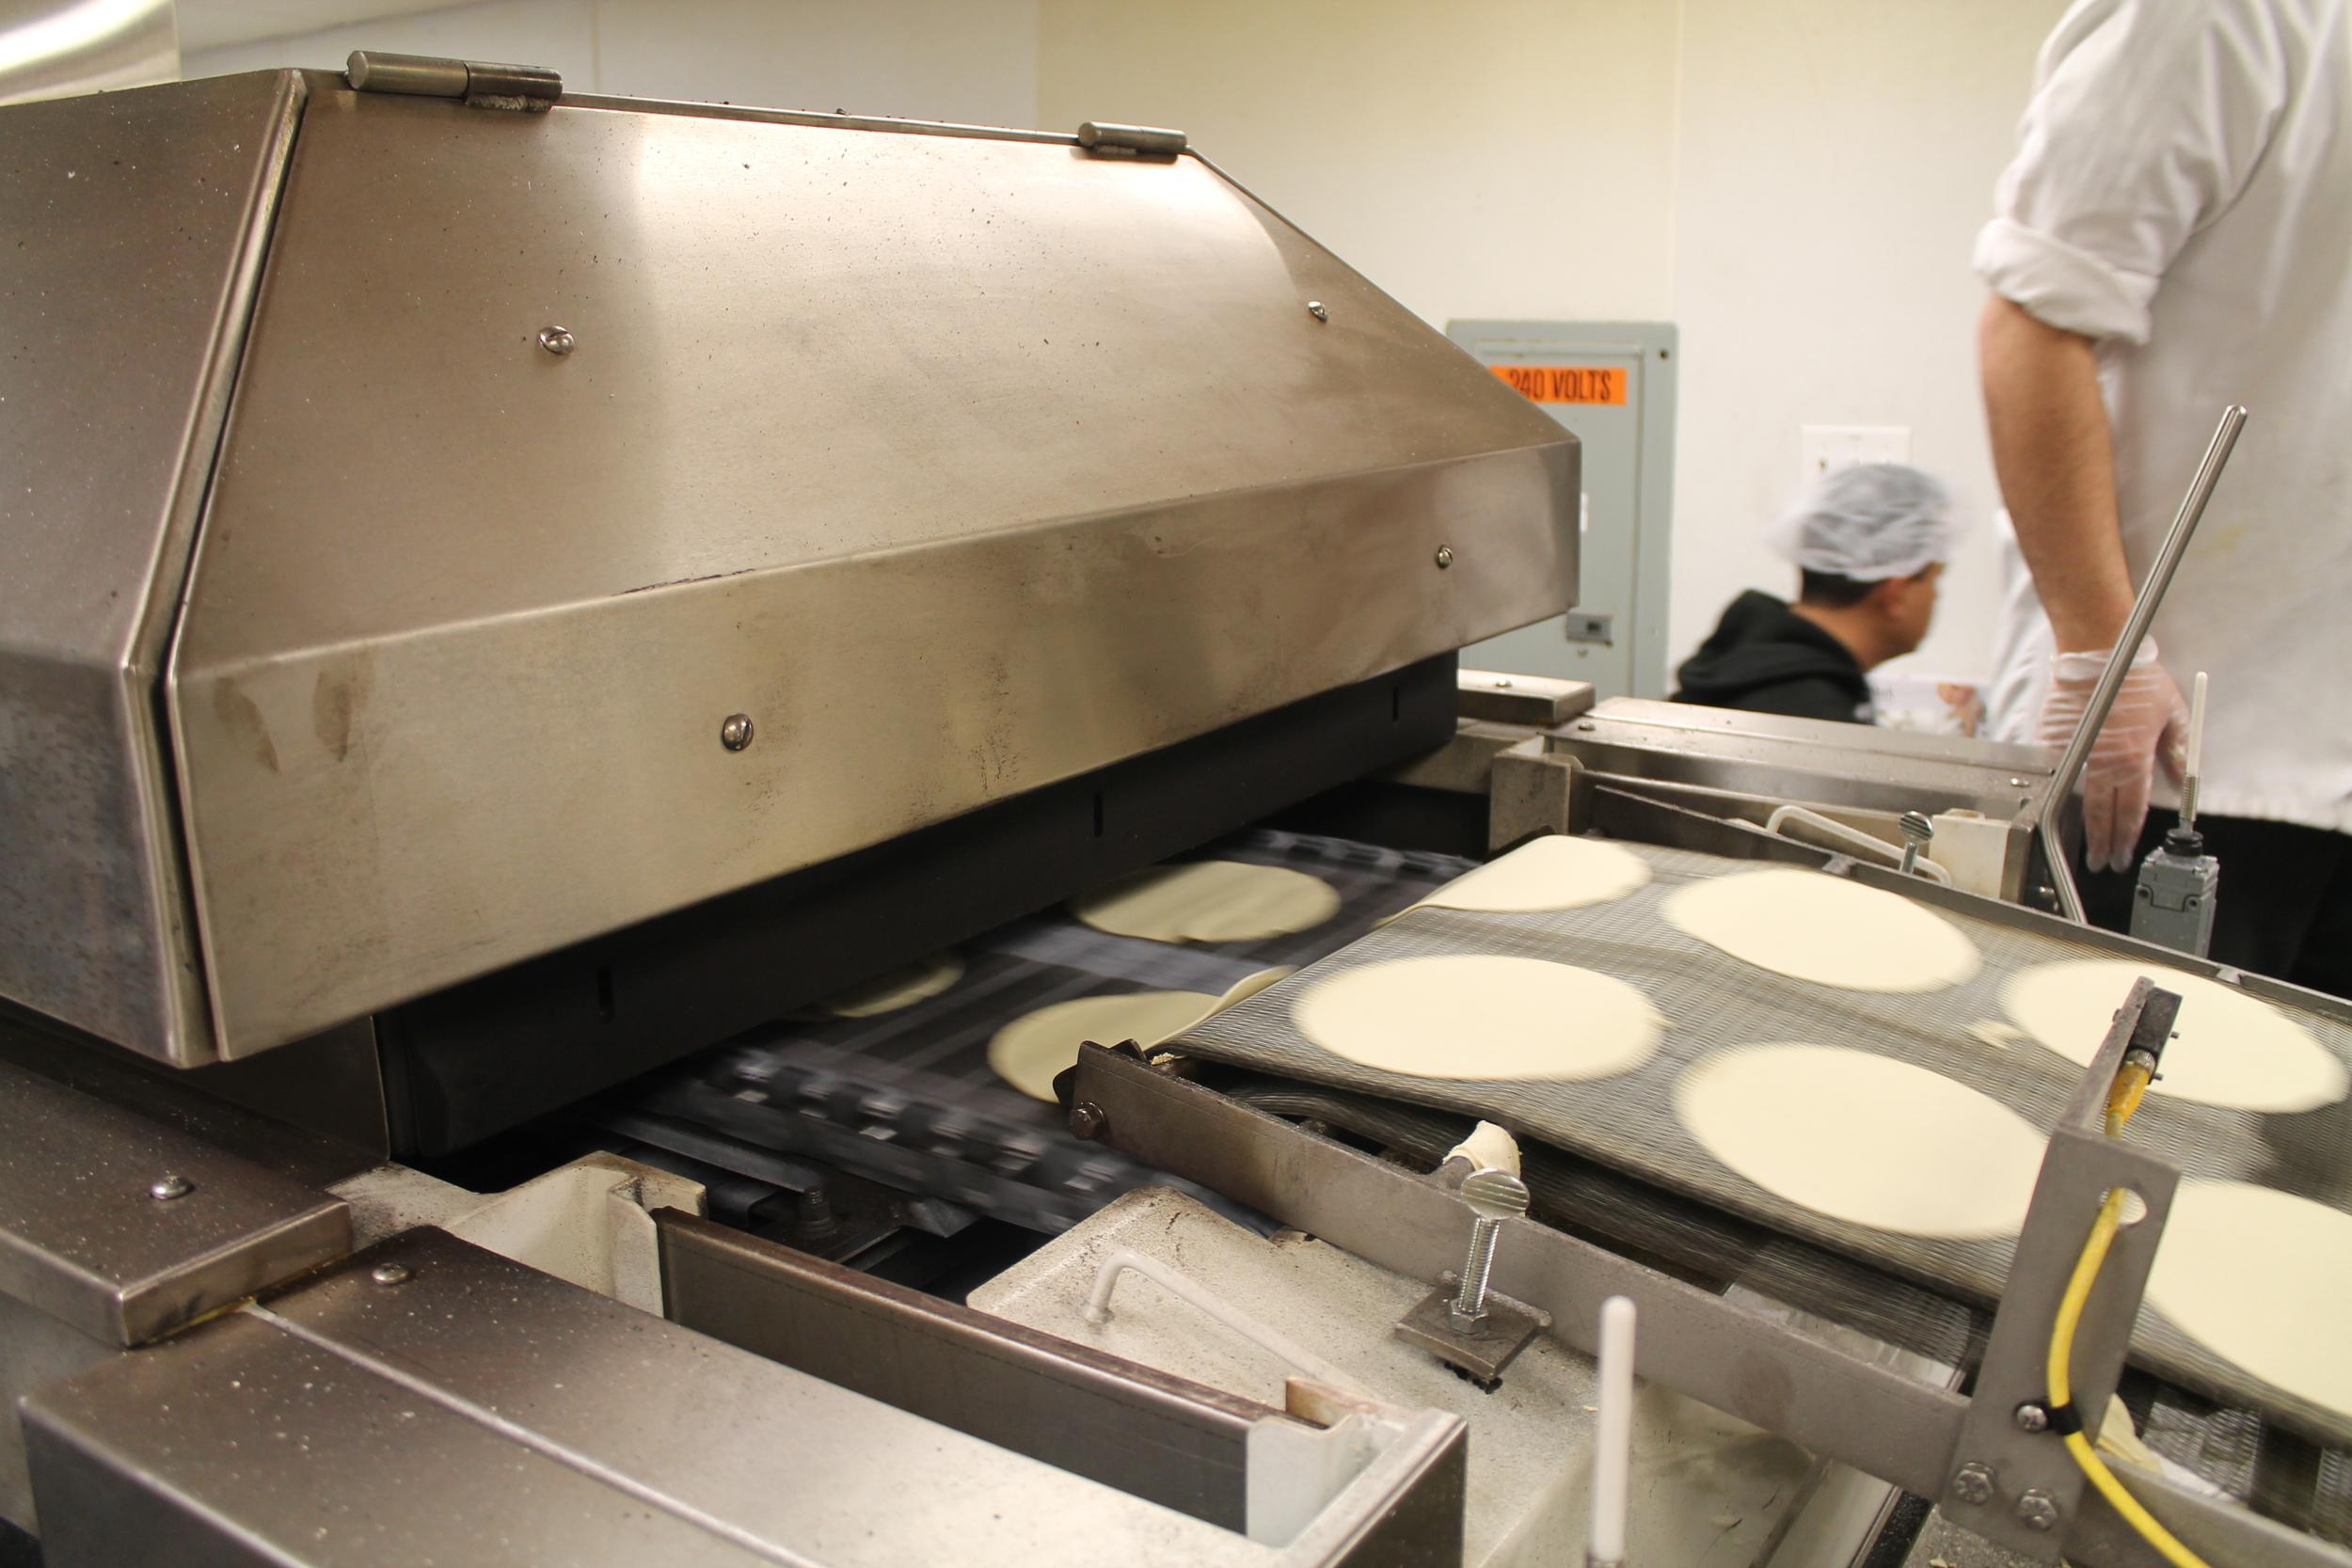 The tortilla press